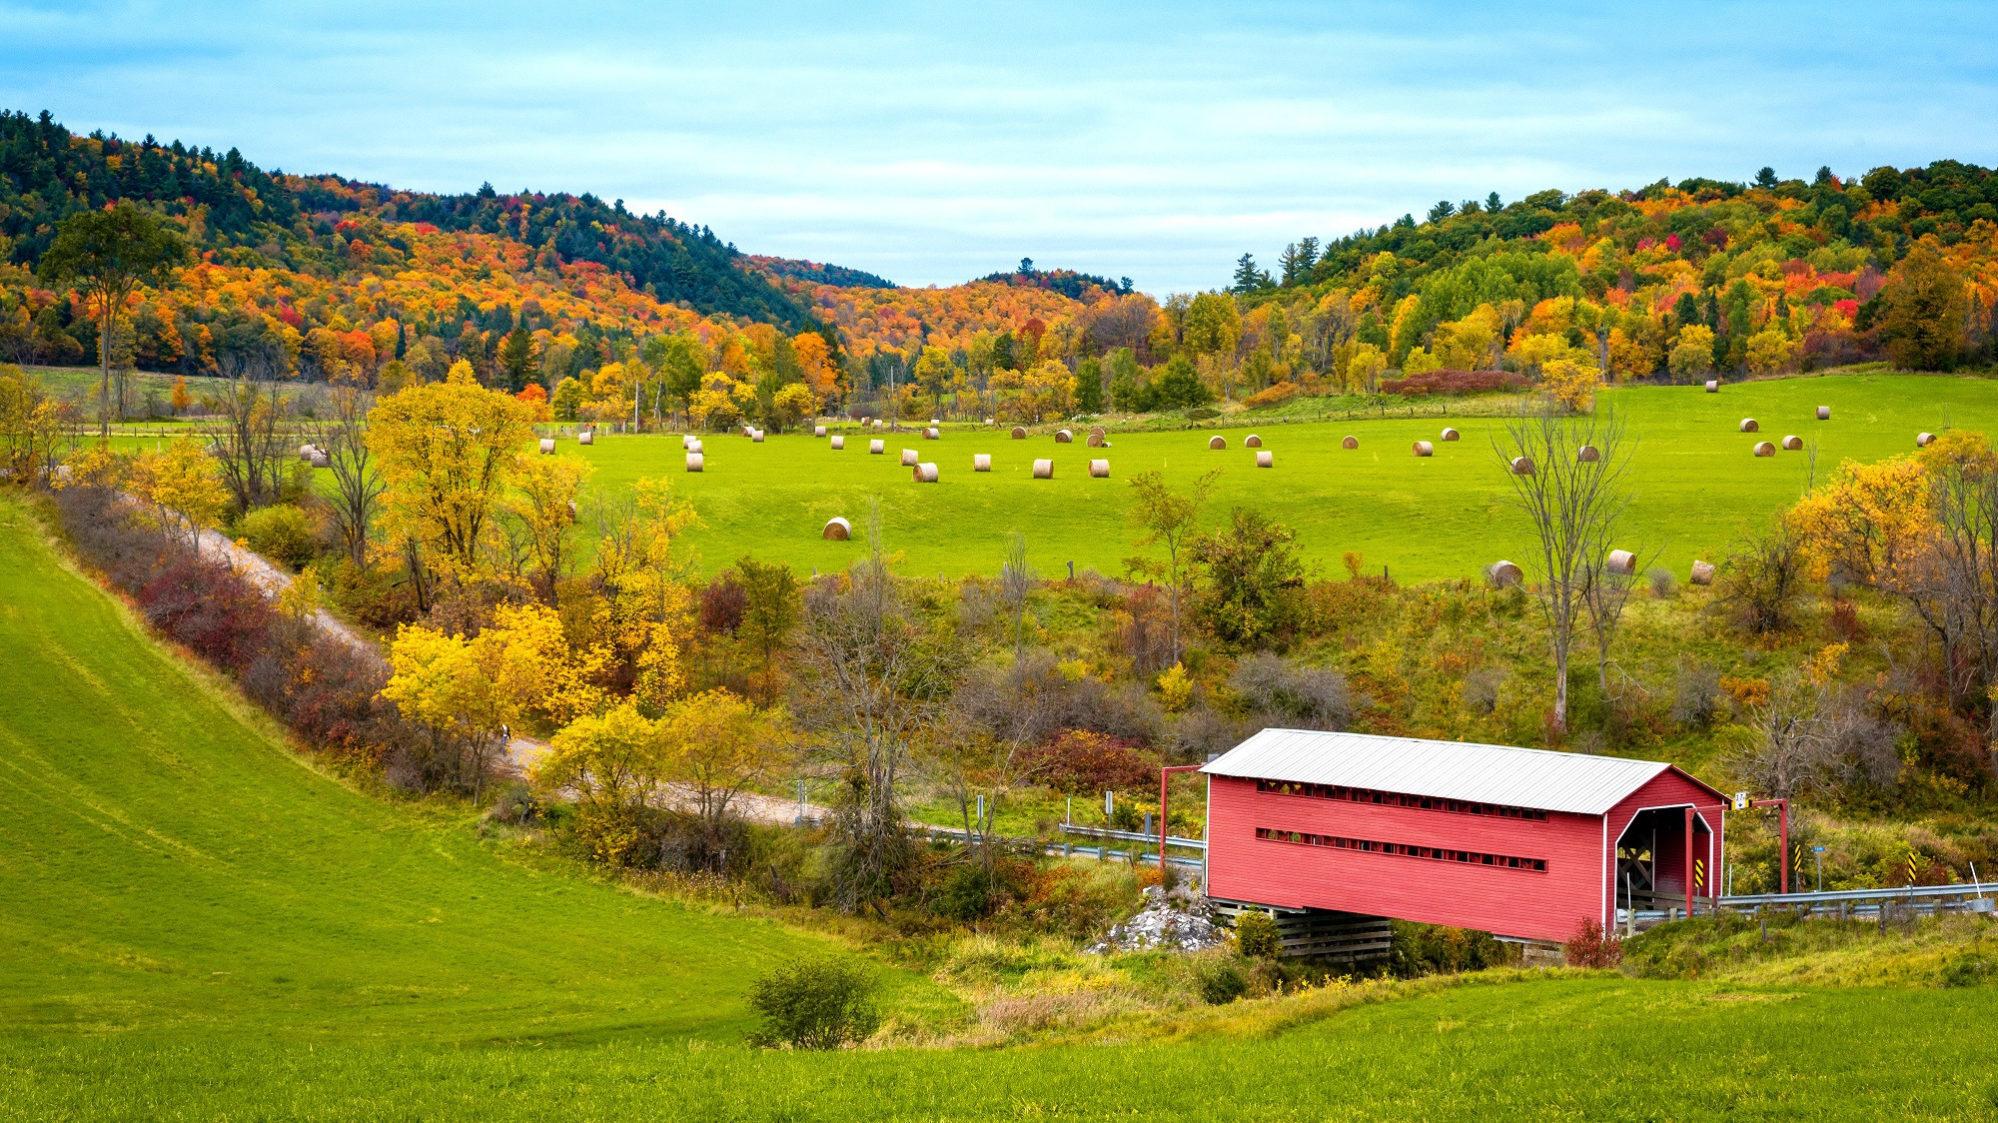 Vue de la vallée du ruisseau Meech en automne. On y voit un pont couvert, des meules de foin et des arbres au feuillage ocre et orangé en arrière-plan.